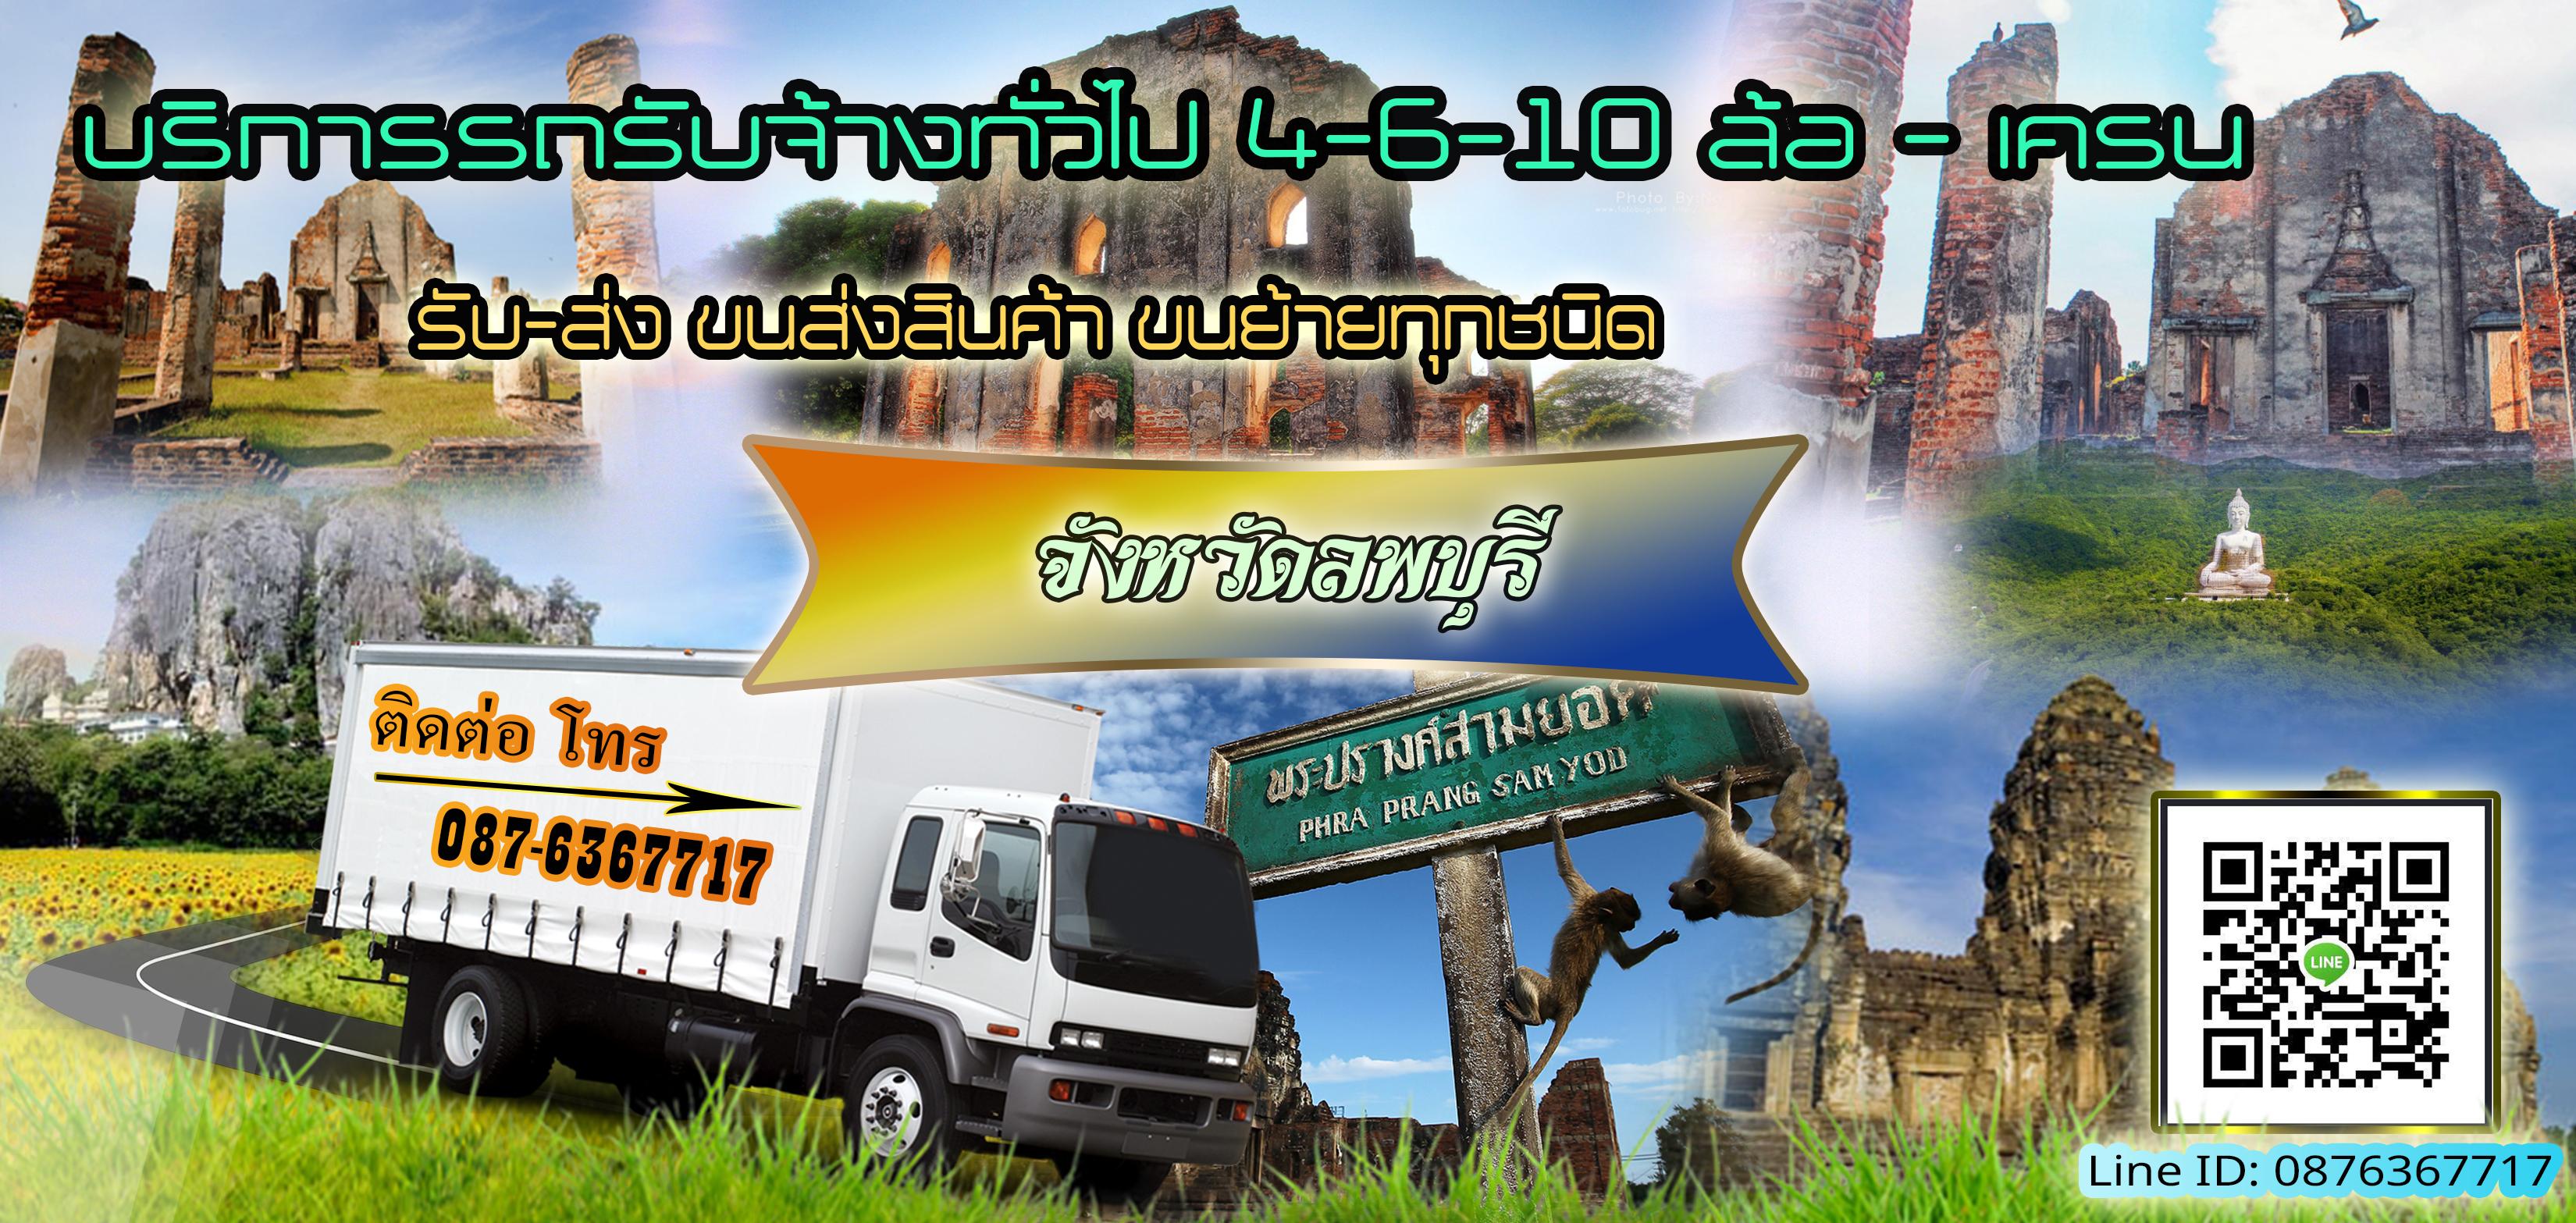 รถรับจ้างในจังหวัดลพบุรี